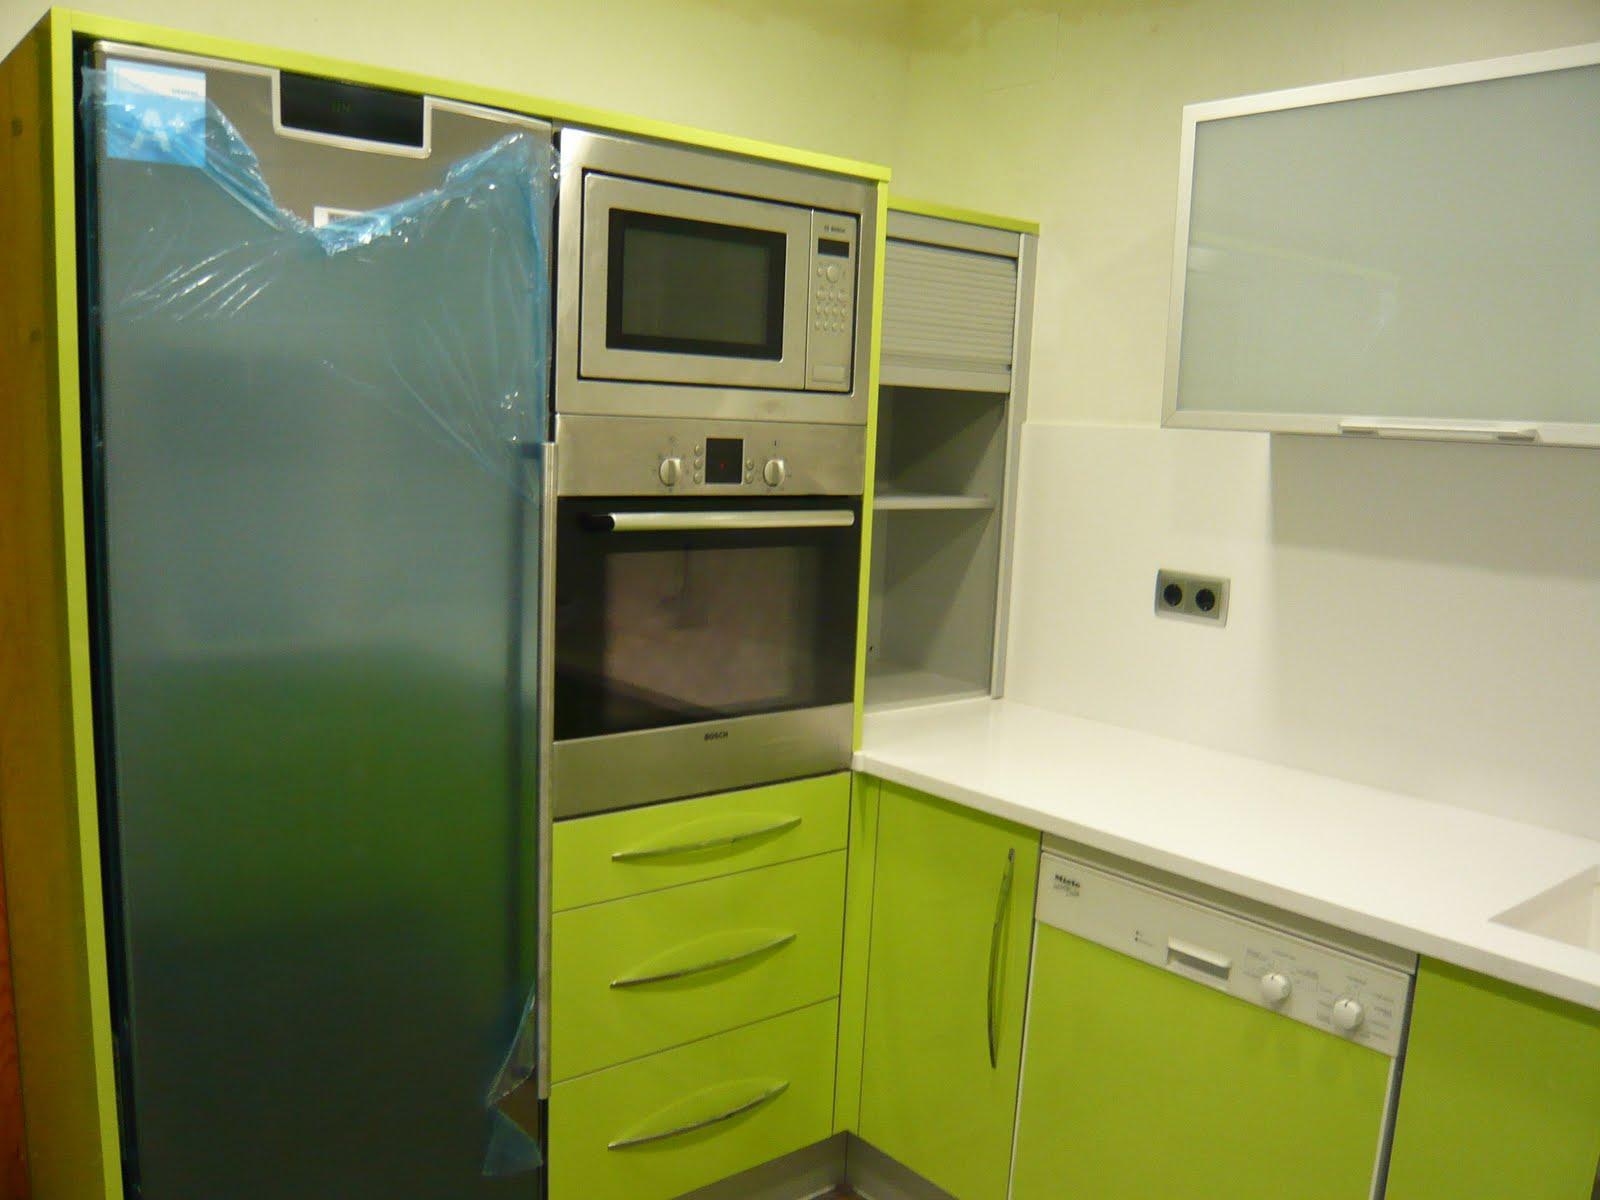 Reuscuina cocina verde pistacho 4 cantos aluminio - Muebles de cocina color blanco ...